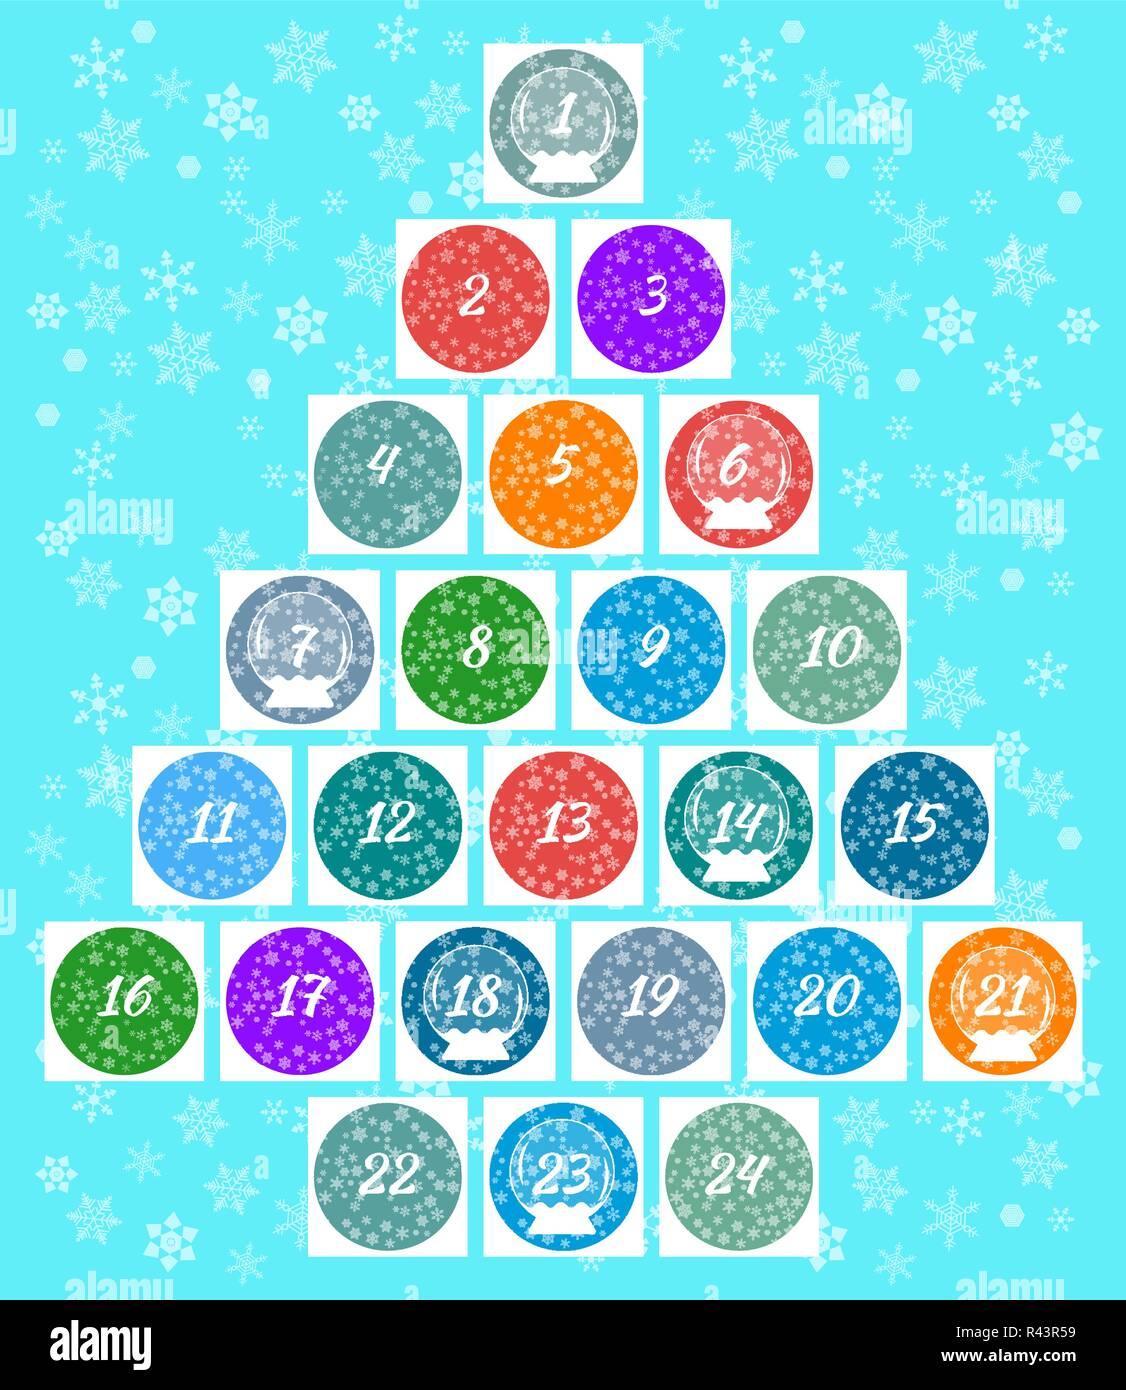 Calendario Con Numero Giorni.Natale Calendario Dell Avvento Multi Finestre Colorate Con